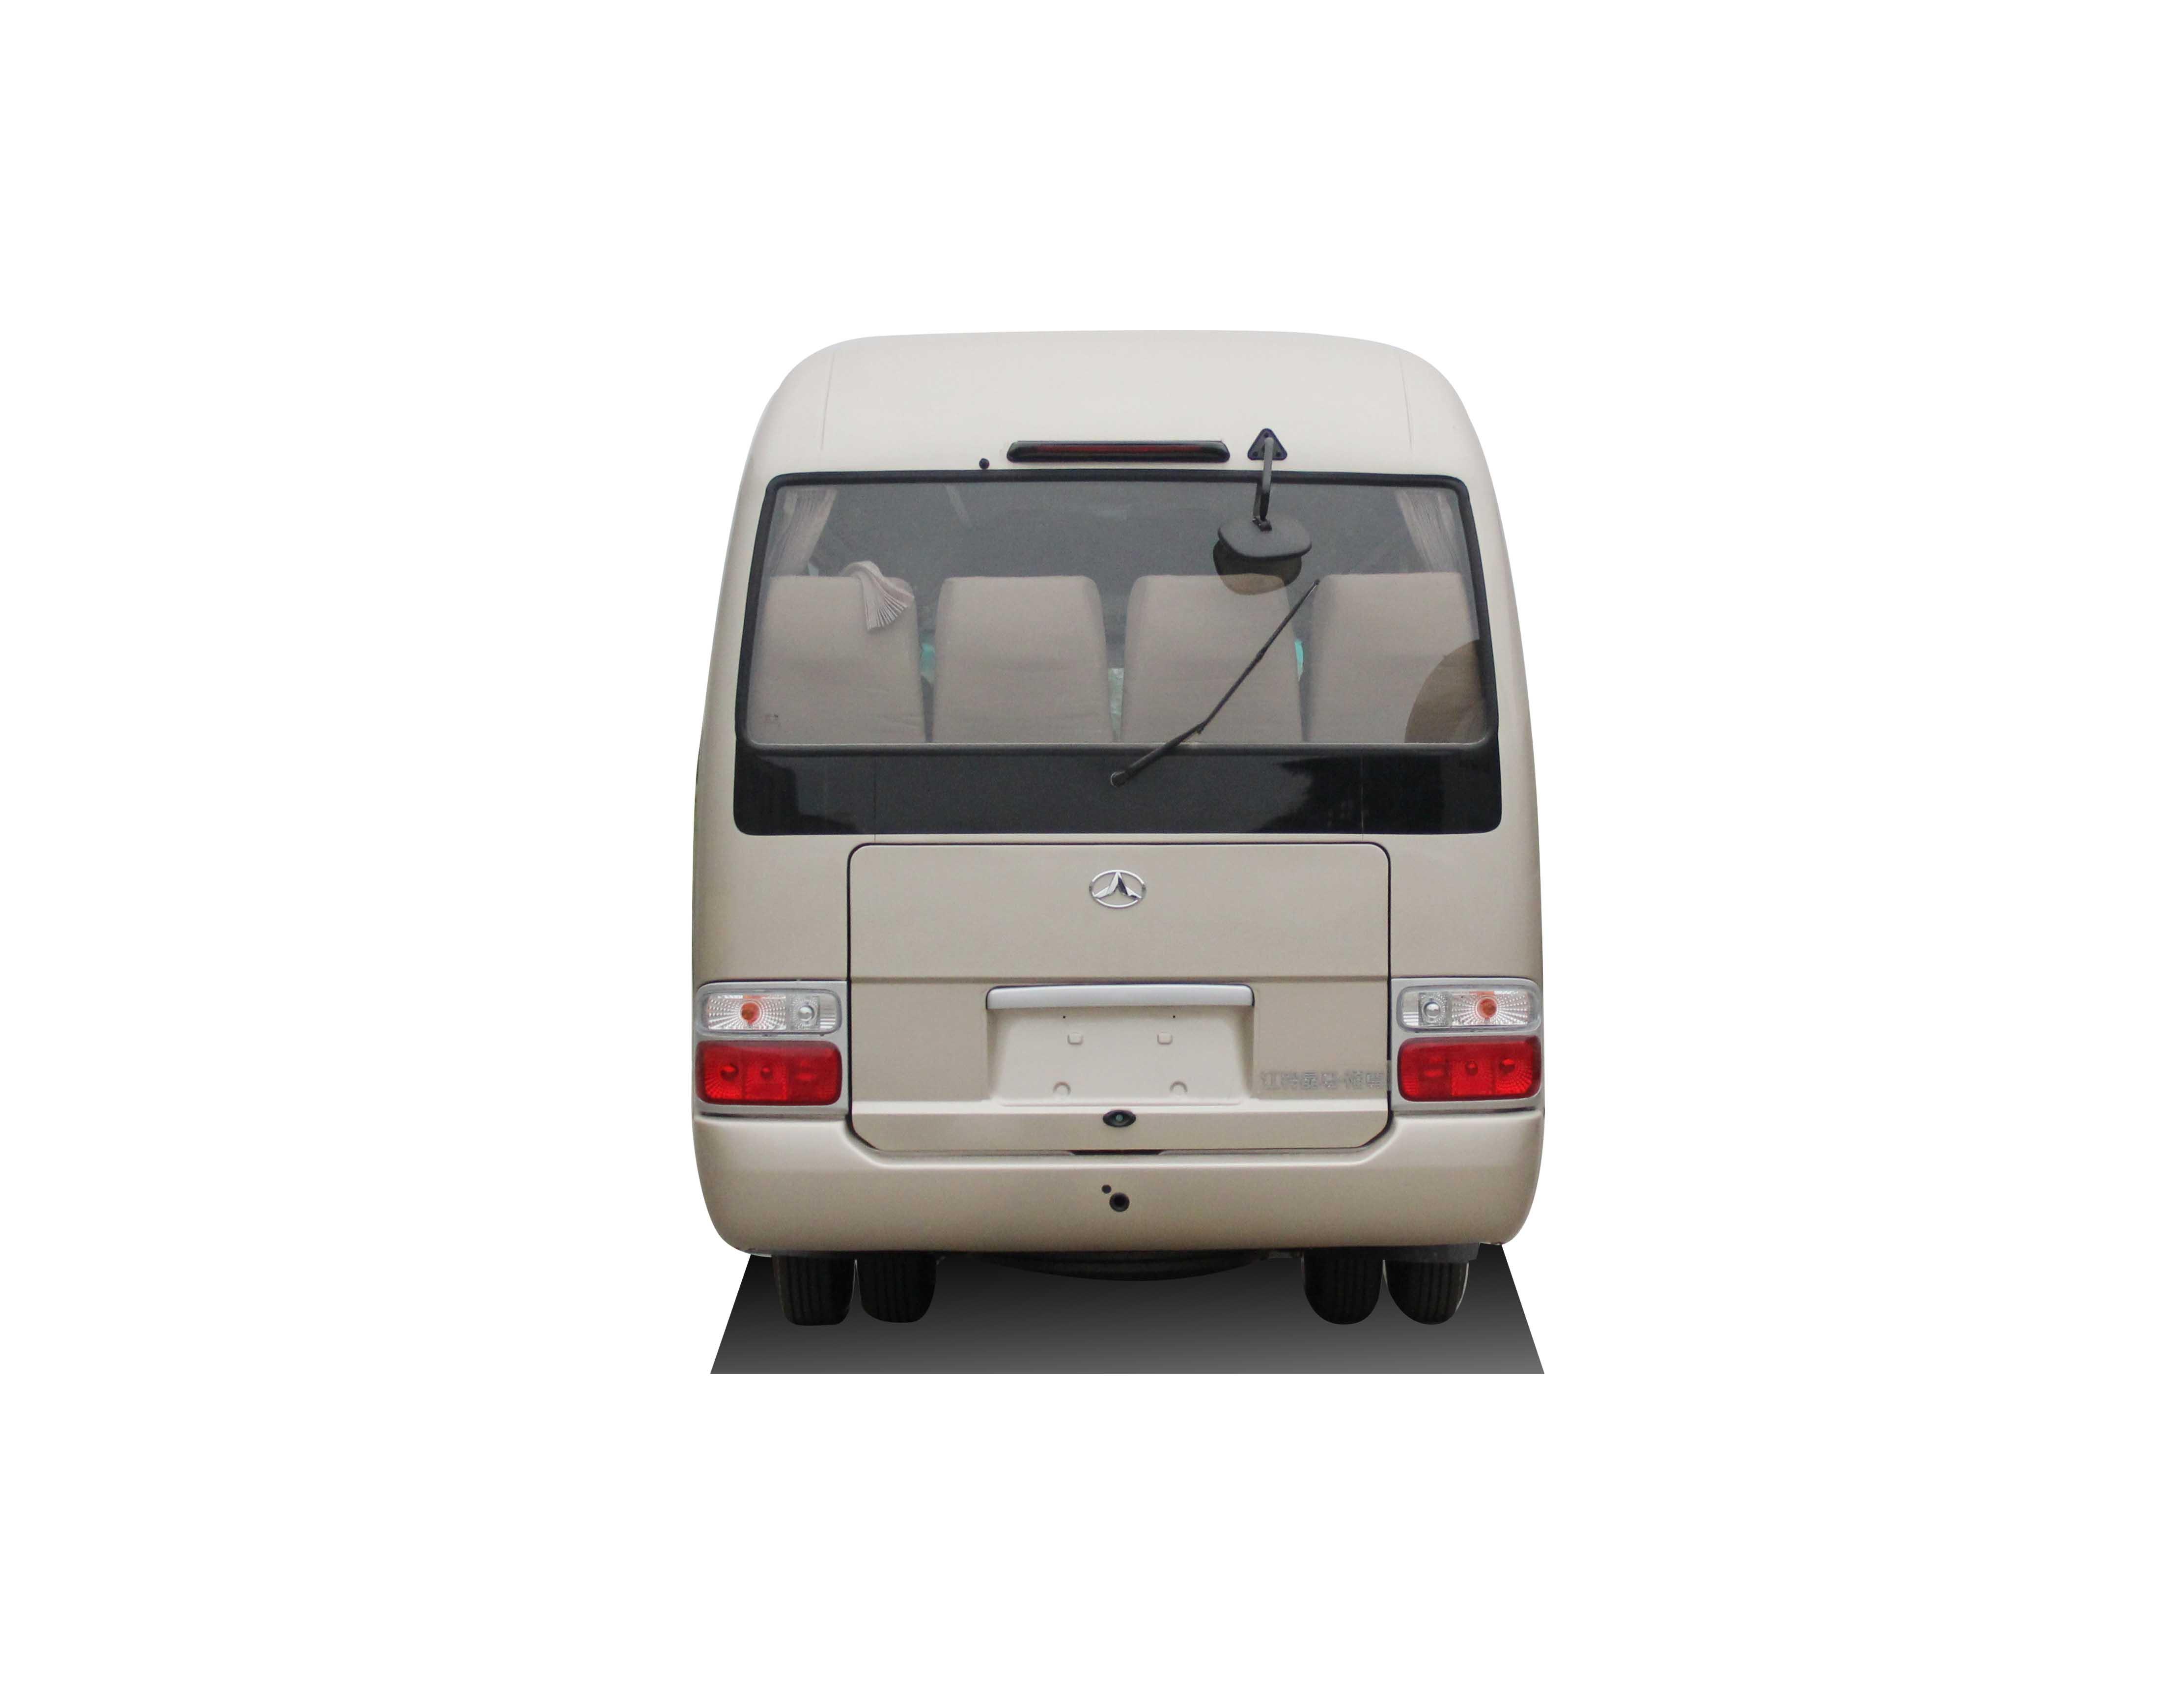 电  话:13302938668 江铃晶马客车厂价产品描述:      深圳市晶马汽车